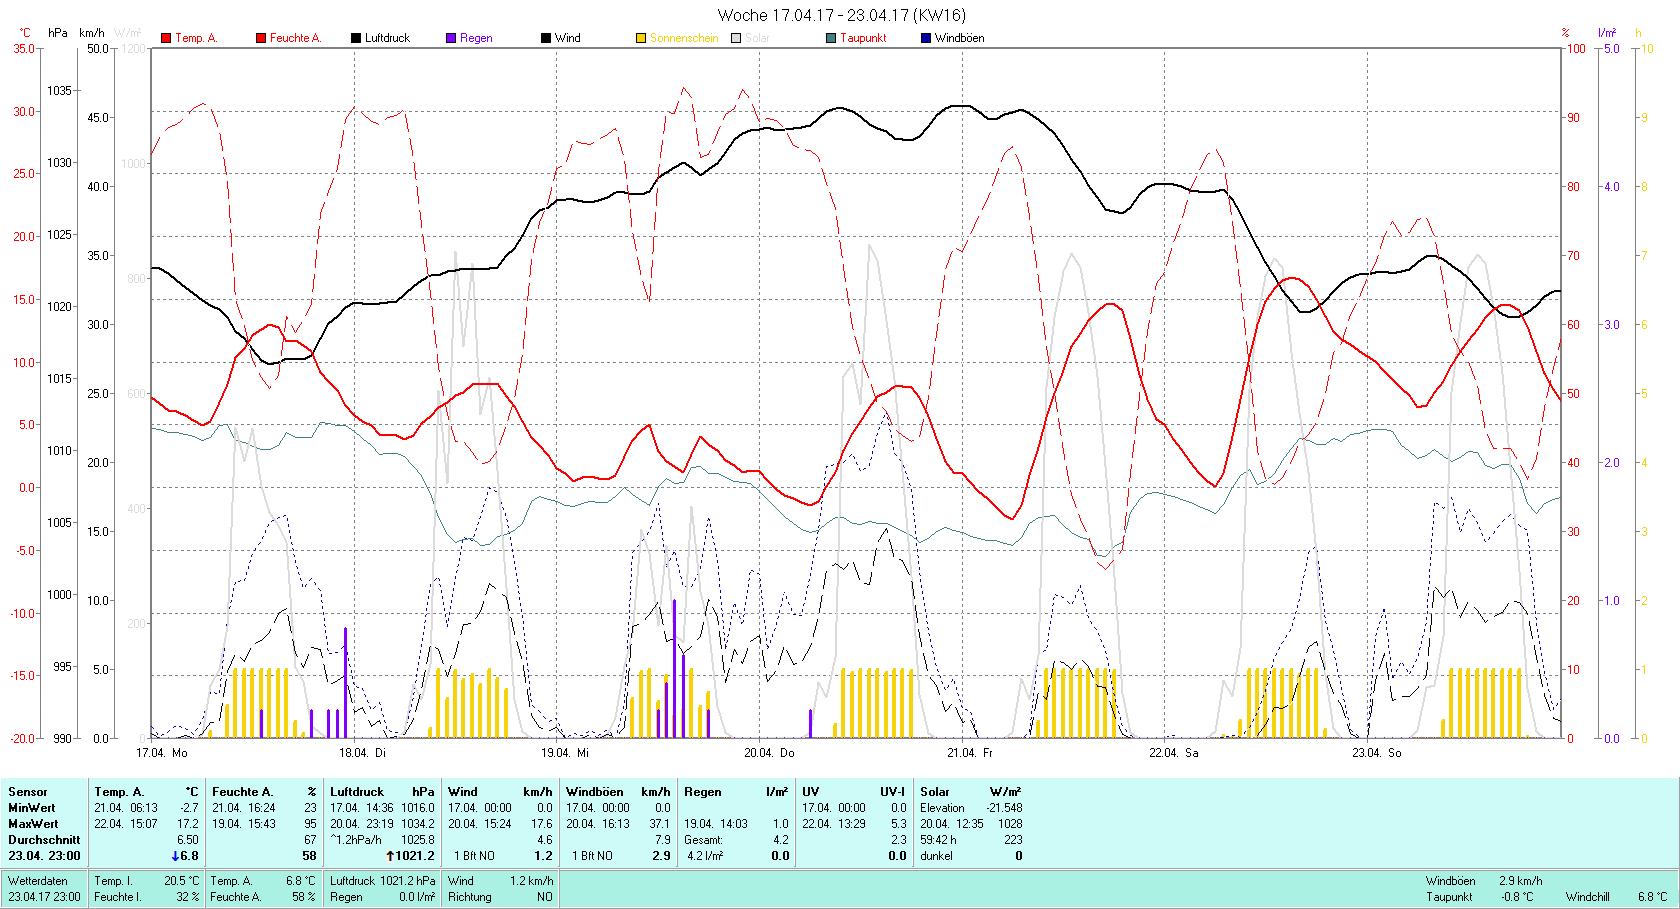 KW 16 Tmin -2.7°C, Tmax 17.2°C, Sonne 59:42h, Niederschlag 4.2mm/2